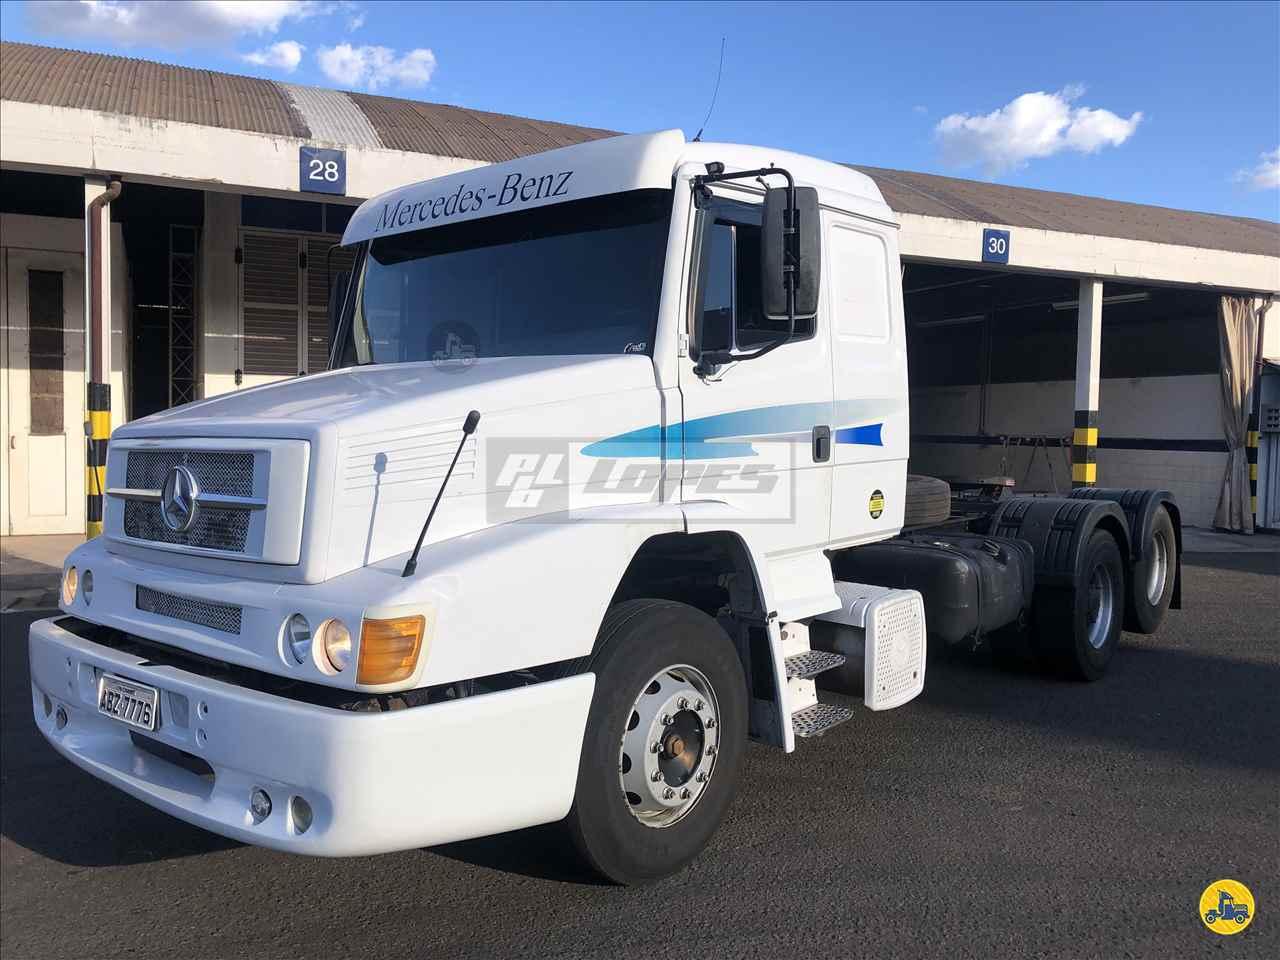 CAMINHAO MERCEDES-BENZ MB 1634 Cavalo Mecânico Truck 6x2 P.B. Lopes - Scania MARINGA PARANÁ PR